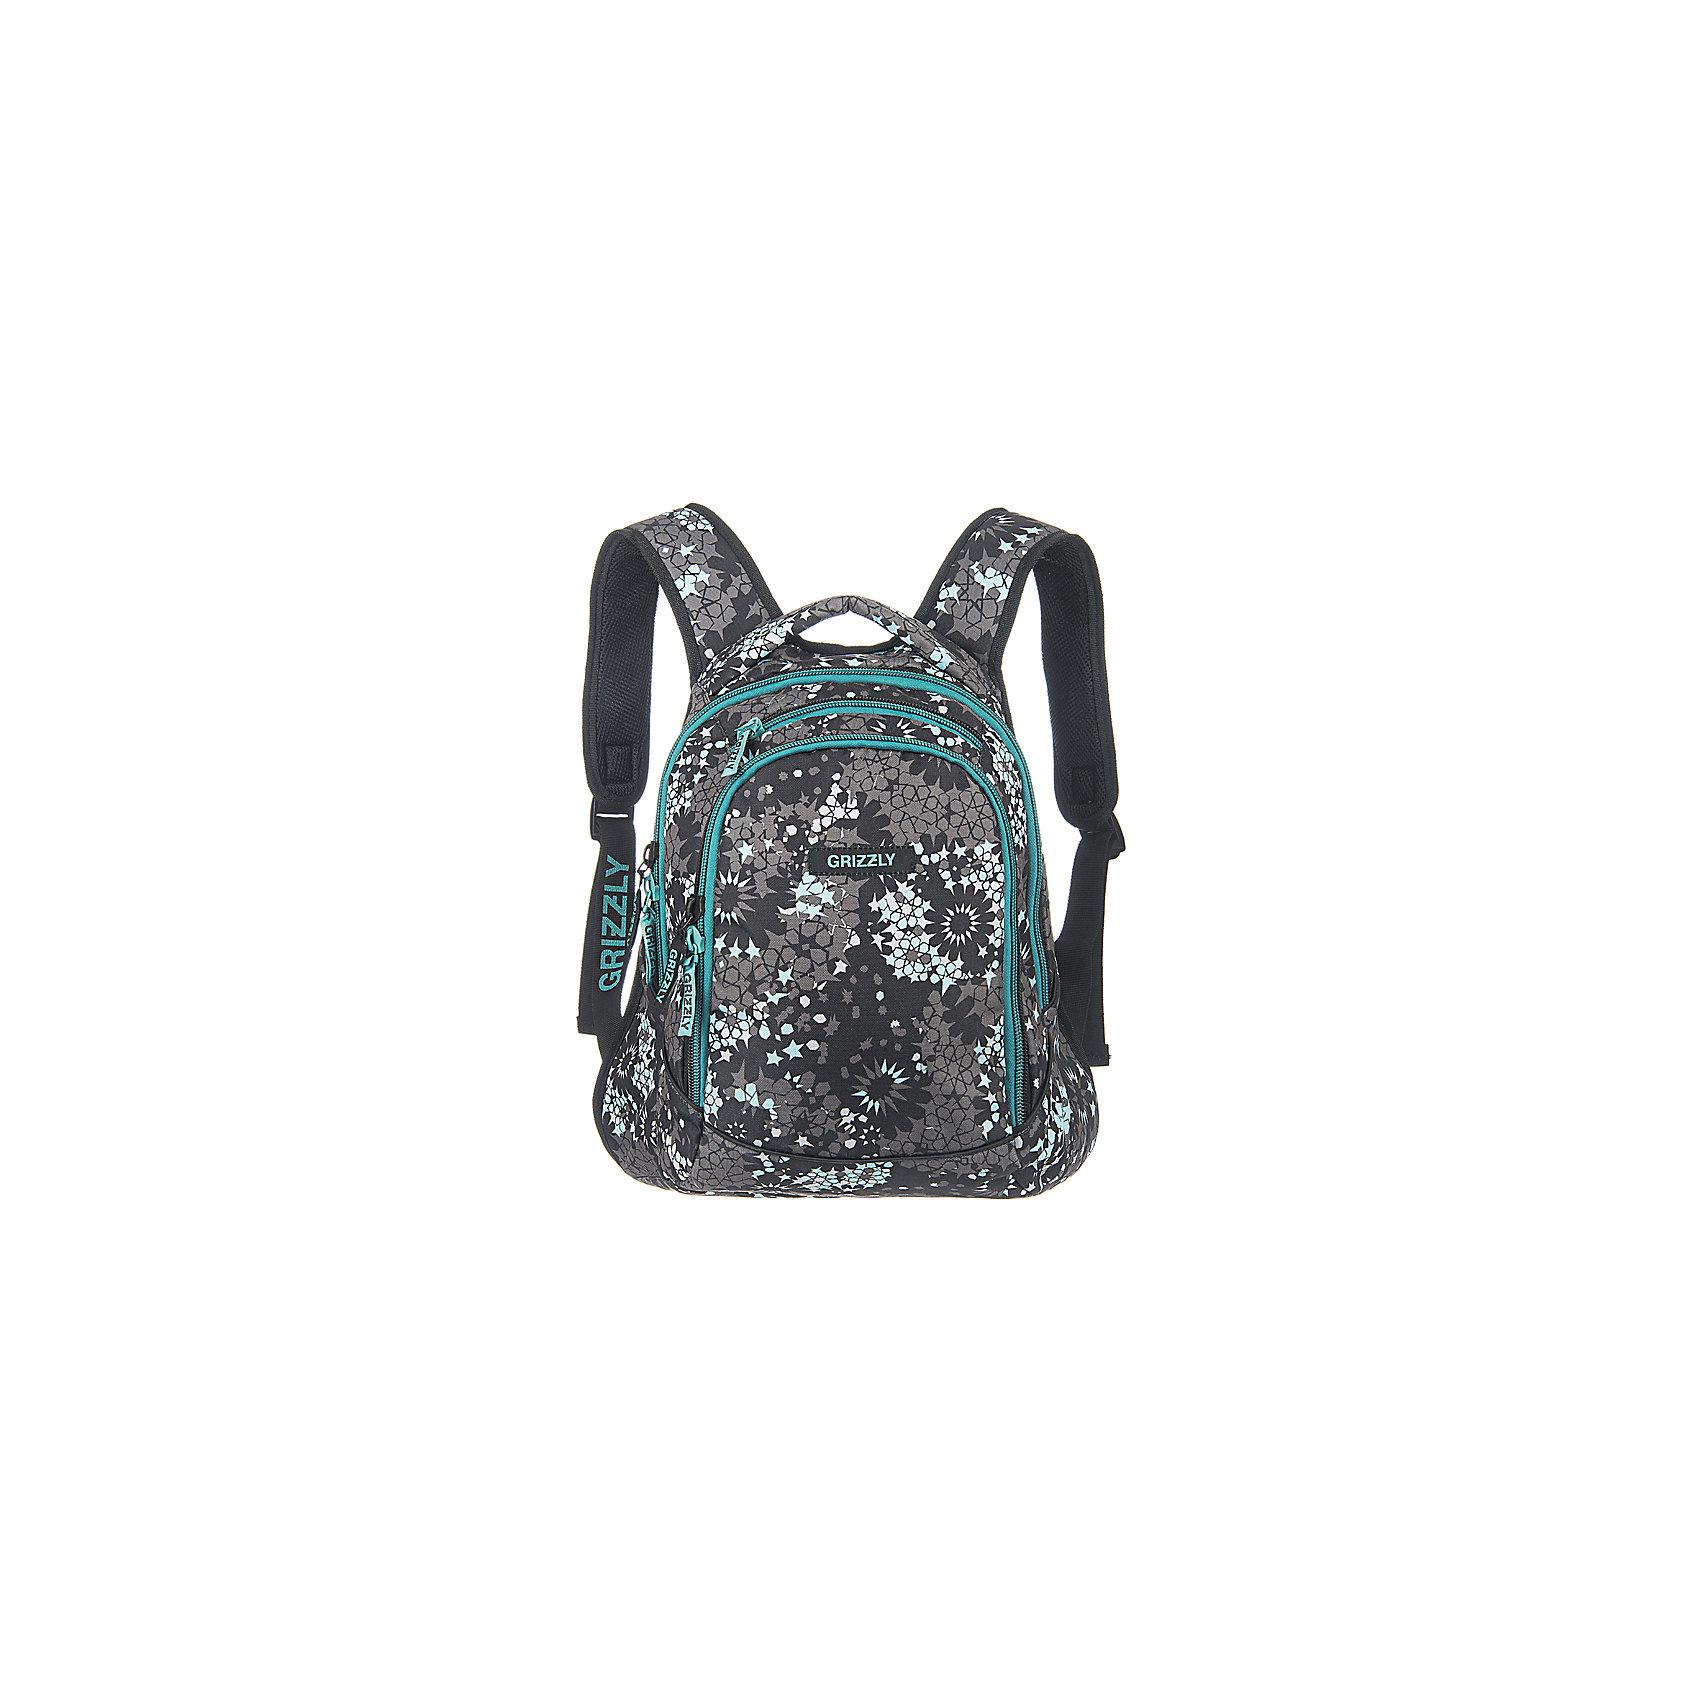 Рюкзак Звезды, серо-бирюзовыйРюкзак, Звезды, Grizzly (Гризли) ? рюкзак отечественного бренда Гризли молодежной серии. Рюкзак  выполнен из принтованного полиэстера в сочетании с нейлоном высокого качества, что обеспечивает, с одной стороны, легкий вес, а с другой ? надежность и прочность. Все швы выполнены капроновыми нитками, что делает швы особенно крепкими и устойчивыми к износу даже в течение нескольких лет. <br>Внутреннее устройство рюкзака состоит из двух вместительных отсеков, внутреннего кармана-пенала для хранения ручек и карандашей. В верхней части рюкзака имеется карман быстрого доступа на молнии. Удобство и эргономичность рюкзака создается за счет жесткой анатомической спинки, укрепленных лямок и мягкой укрепленной ручки. Уникальность рюкзаков Grizzly заключается в том, что анатомическая спинка изготовлена из специальной ткани, которая пропускает воздух, тем самым защищает спину от повышенного потоотделения.<br>Рюкзаки молодежной серии Grizzly (Гризли) ? это не только удобство и функциональность, это еще и оригинальный современный дизайн. Рюкзак, Звезды, Grizzly (Гризли) выполнен в классическом сочетании черного, белого и серого цветов.  Оригинальность и яркость рюкзаку придают элементы яркого бирюзового цвета: брендовые надписи и застежки-молнии.<br>Рюкзак, Звезды Grizzly (Гризли) ? это качество материалов, удобство, стиль и долговечность использования. <br><br>Дополнительная информация:<br><br>- Вес: 700 г<br>- Габариты (Д*Г*В): 32*20*42 см<br>- Цвет: серый, черный, белый, бирюзовый<br>- Материал: полиэстер, нейлон <br>- Сезон: круглый год<br>- Коллекция: молодежная <br>- Год коллекции: 2016 <br>- Пол: женский<br>- Предназначение: для школы, для занятий спортом<br>- Особенности ухода: можно чистить влажной щеткой или губкой, допускается ручная стирка<br><br>Подробнее:<br><br>• Для школьников в возрасте: от 8 лет и до 12 лет<br>• Страна производитель: Россия<br>• Торговый бренд: Grizzly<br><br>Рюкзак, Звезды Grizzly (Гризли) можно купить в нашем интернет